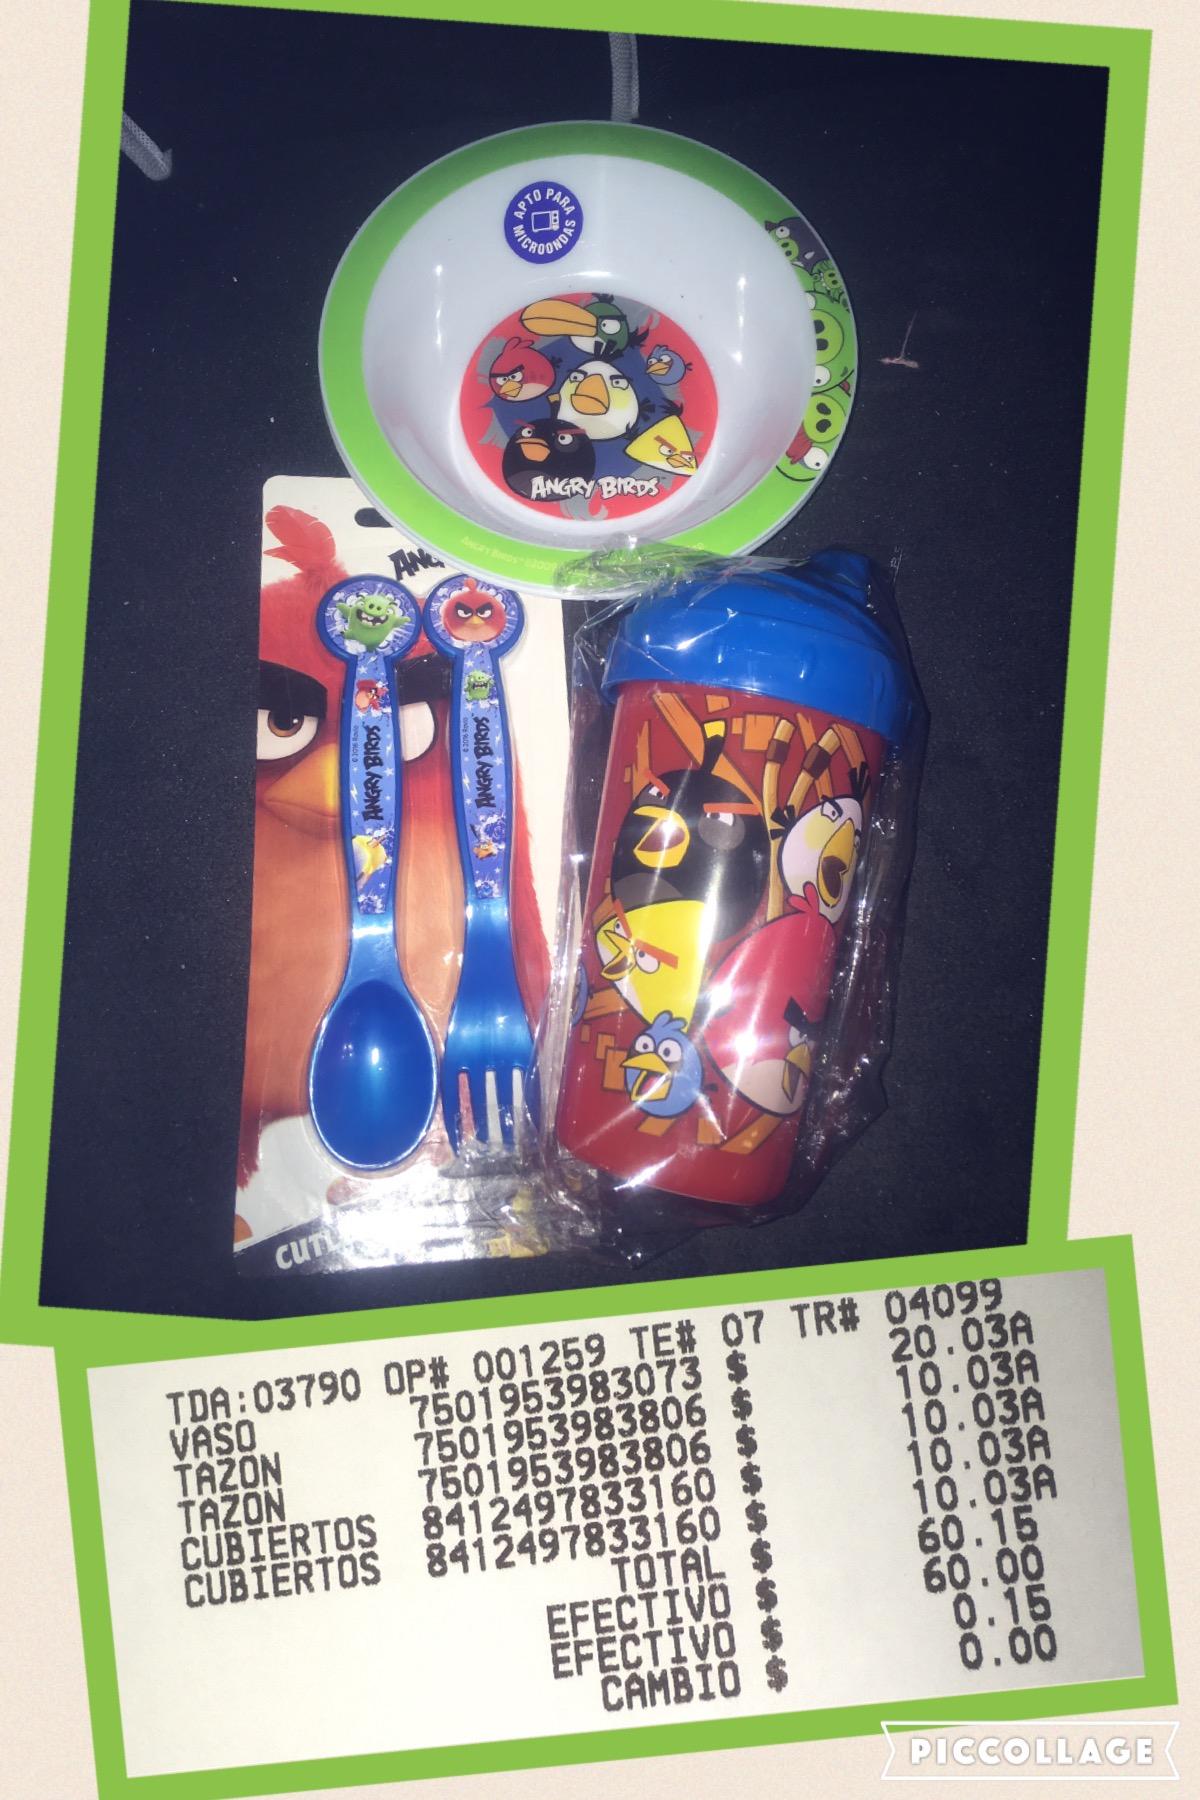 Walmart: liquidación plato y cubiertos Angry Birds a $10.03 c/u; vaso con tapa a $20.03